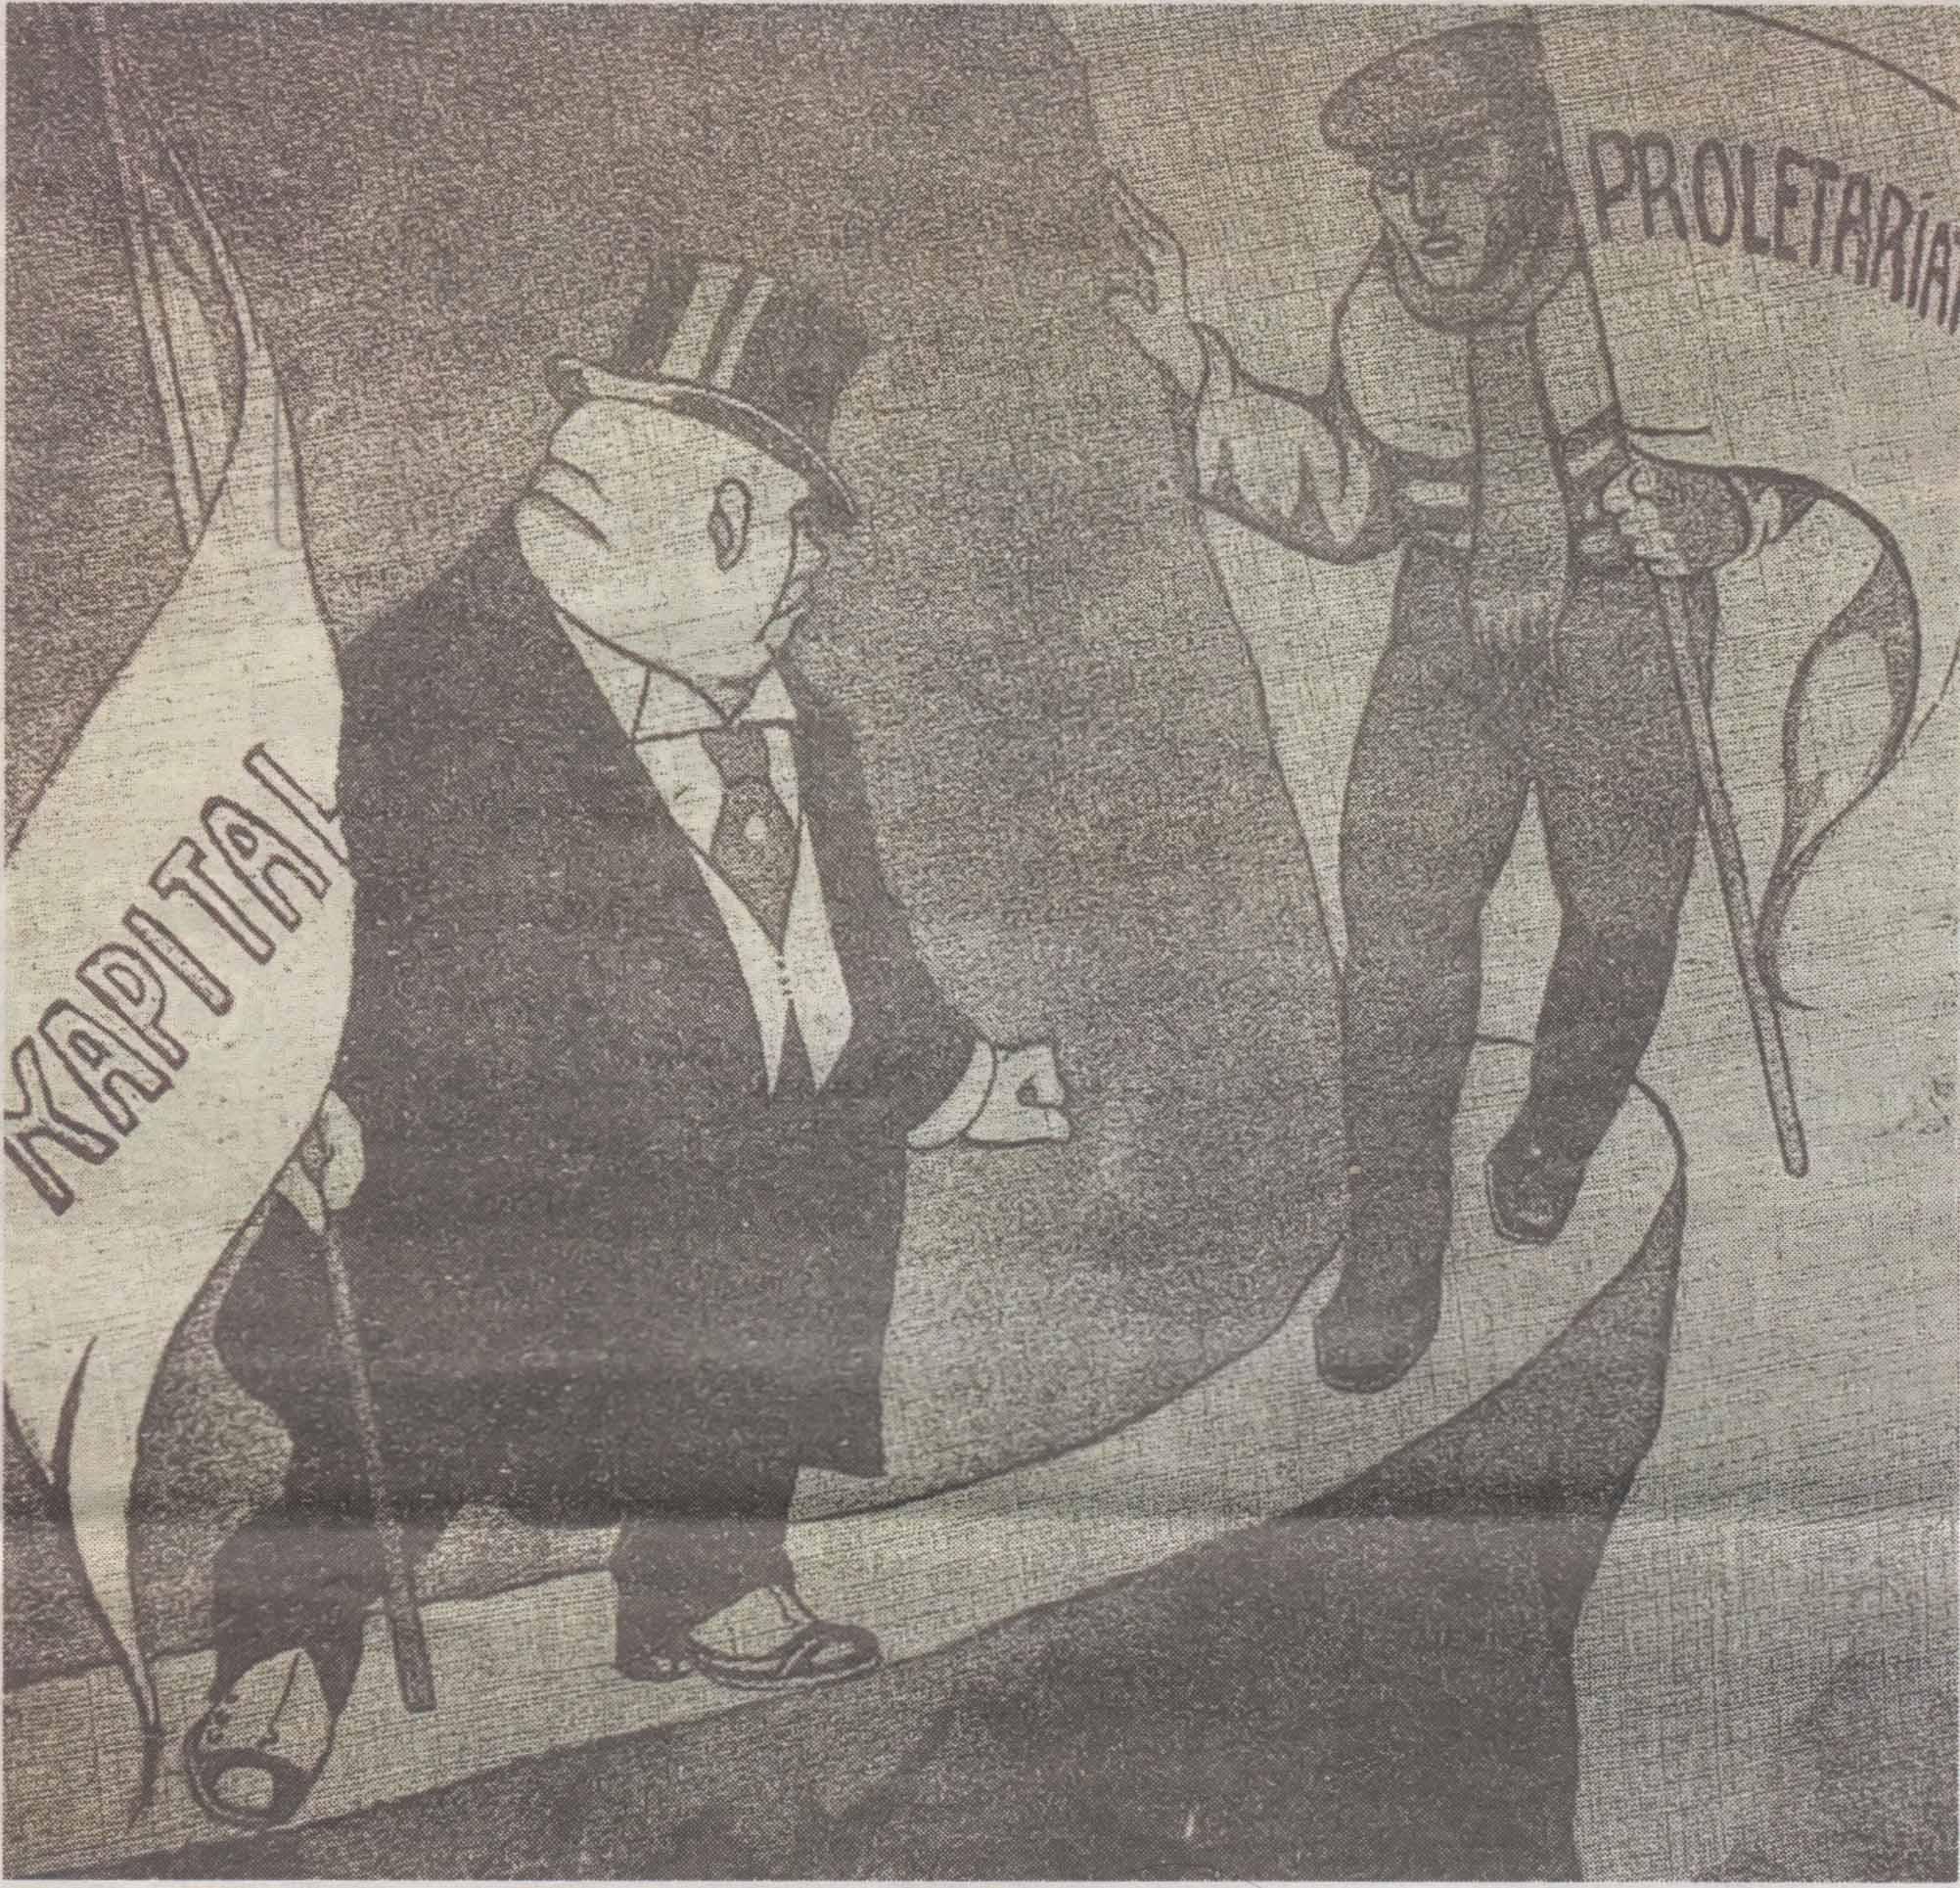 """«На узком пути: кому из двух суждено сорваться в пропасть?»: противостояние капиталистов и пролетариата глазами карикатуриста таллиннского юмористического издания """"Ме1е Май"""". 1917 год."""